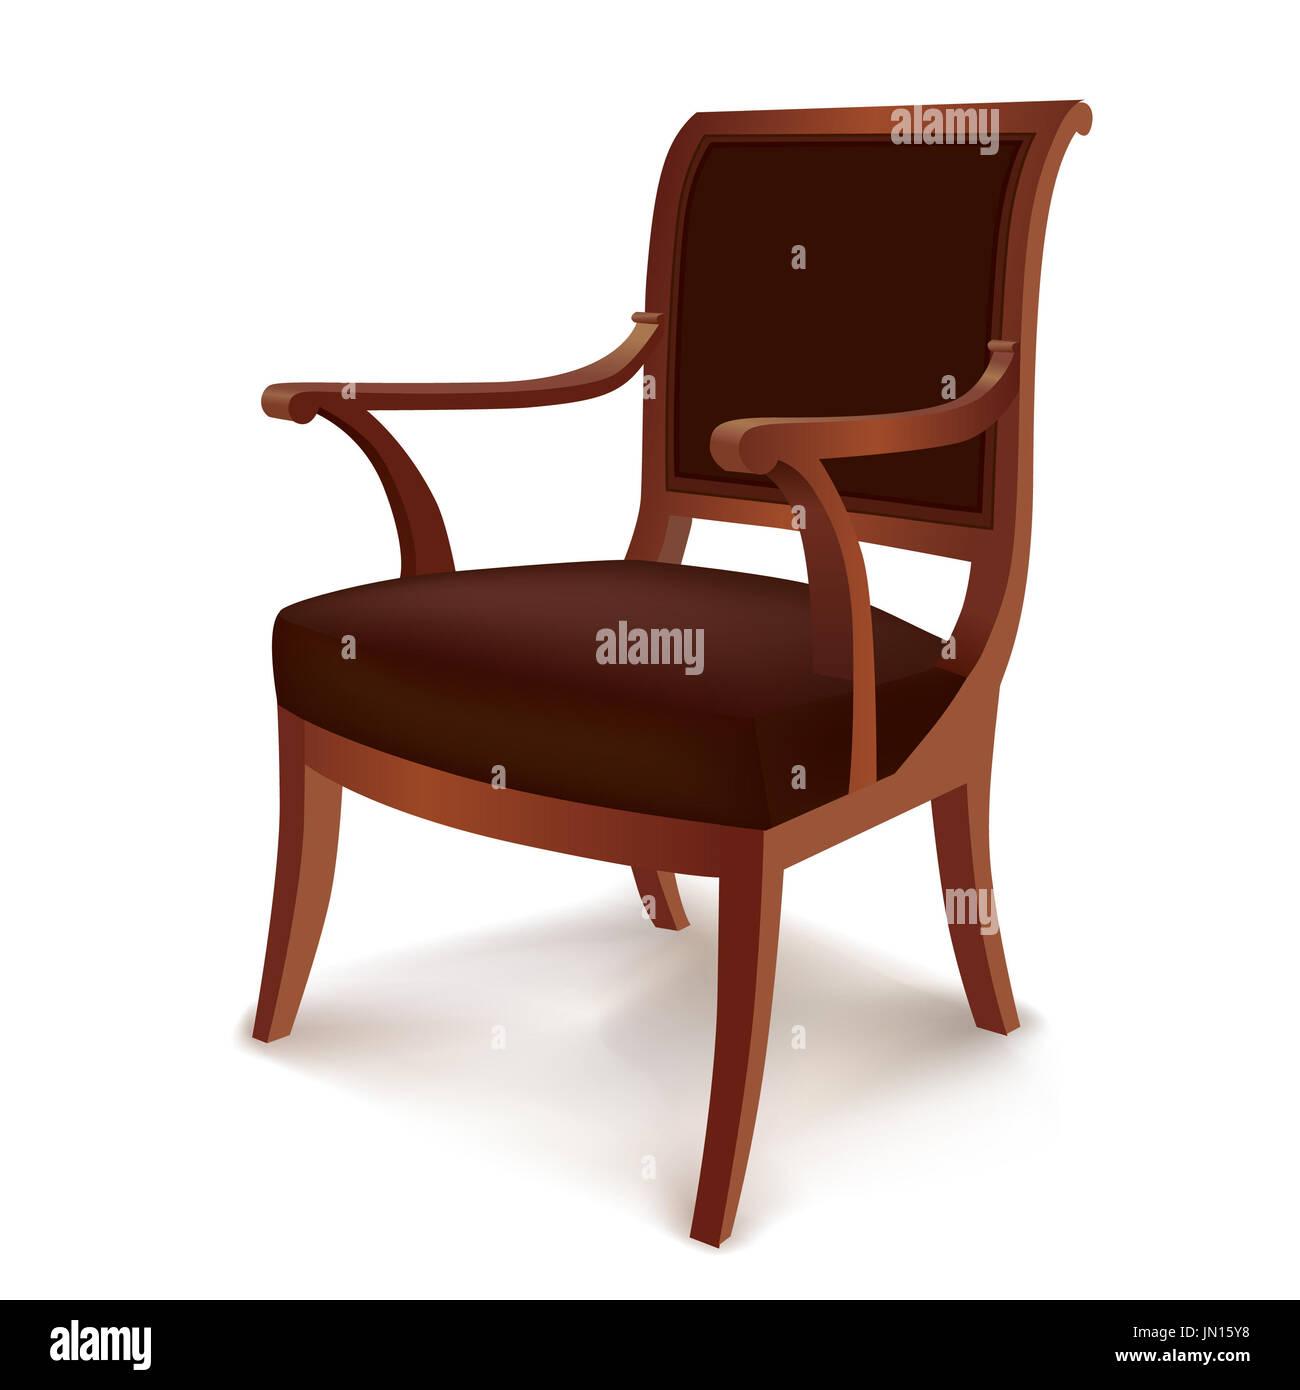 Sessel Vintage Stuhl Im Retro Stil Auf Weißem Hintergrund Stockfoto